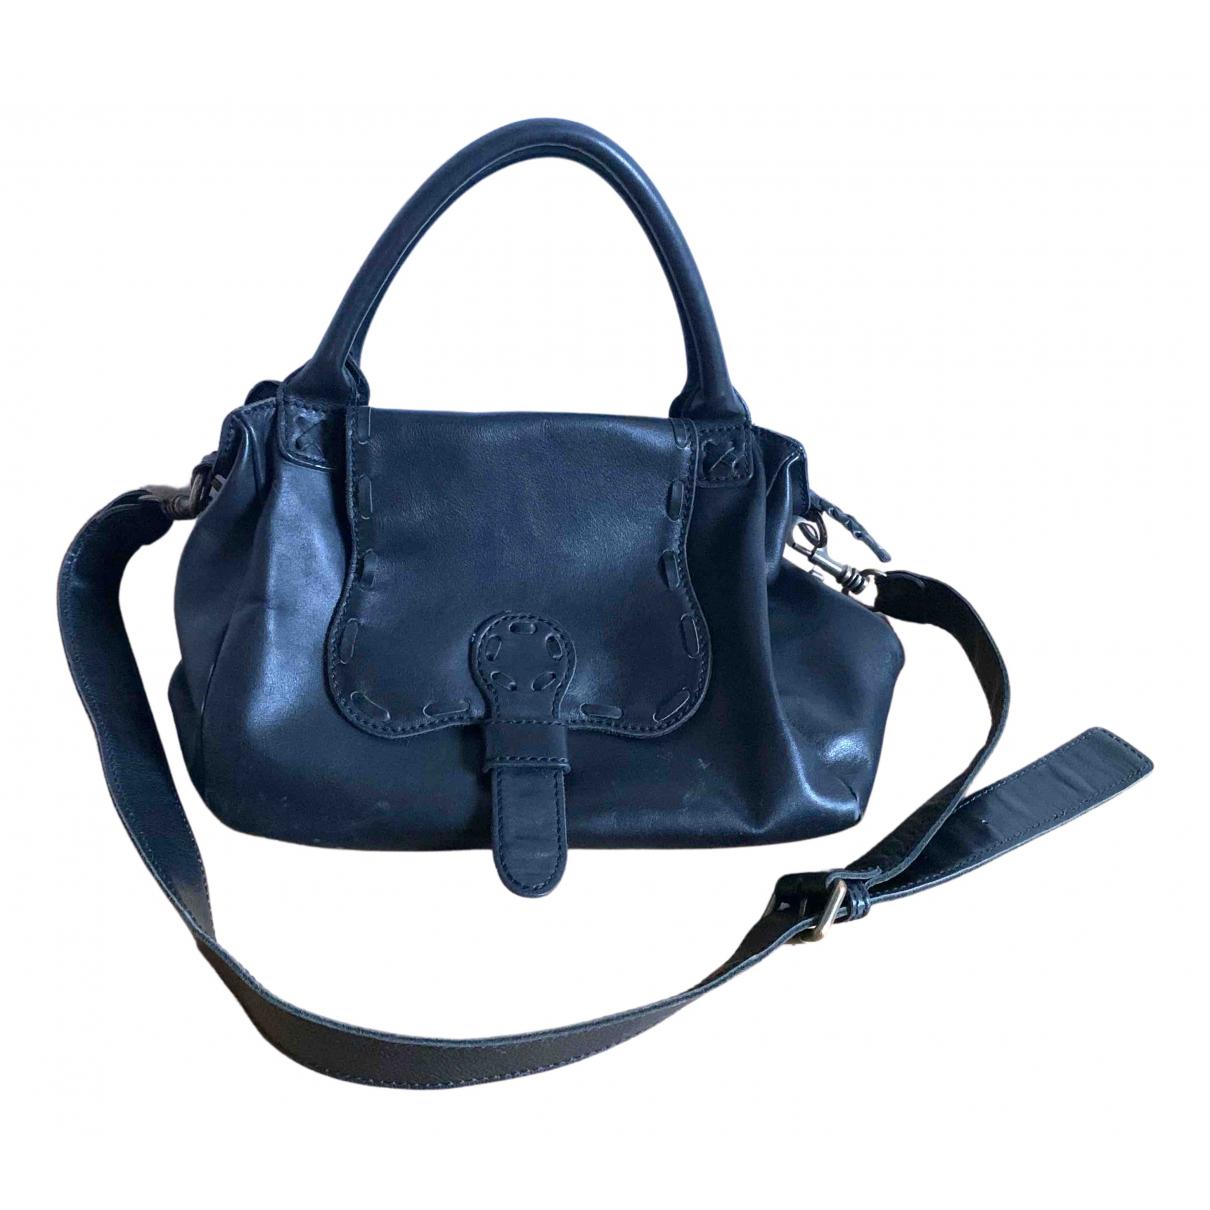 Liebeskind \N Handtasche in  Schwarz Leder